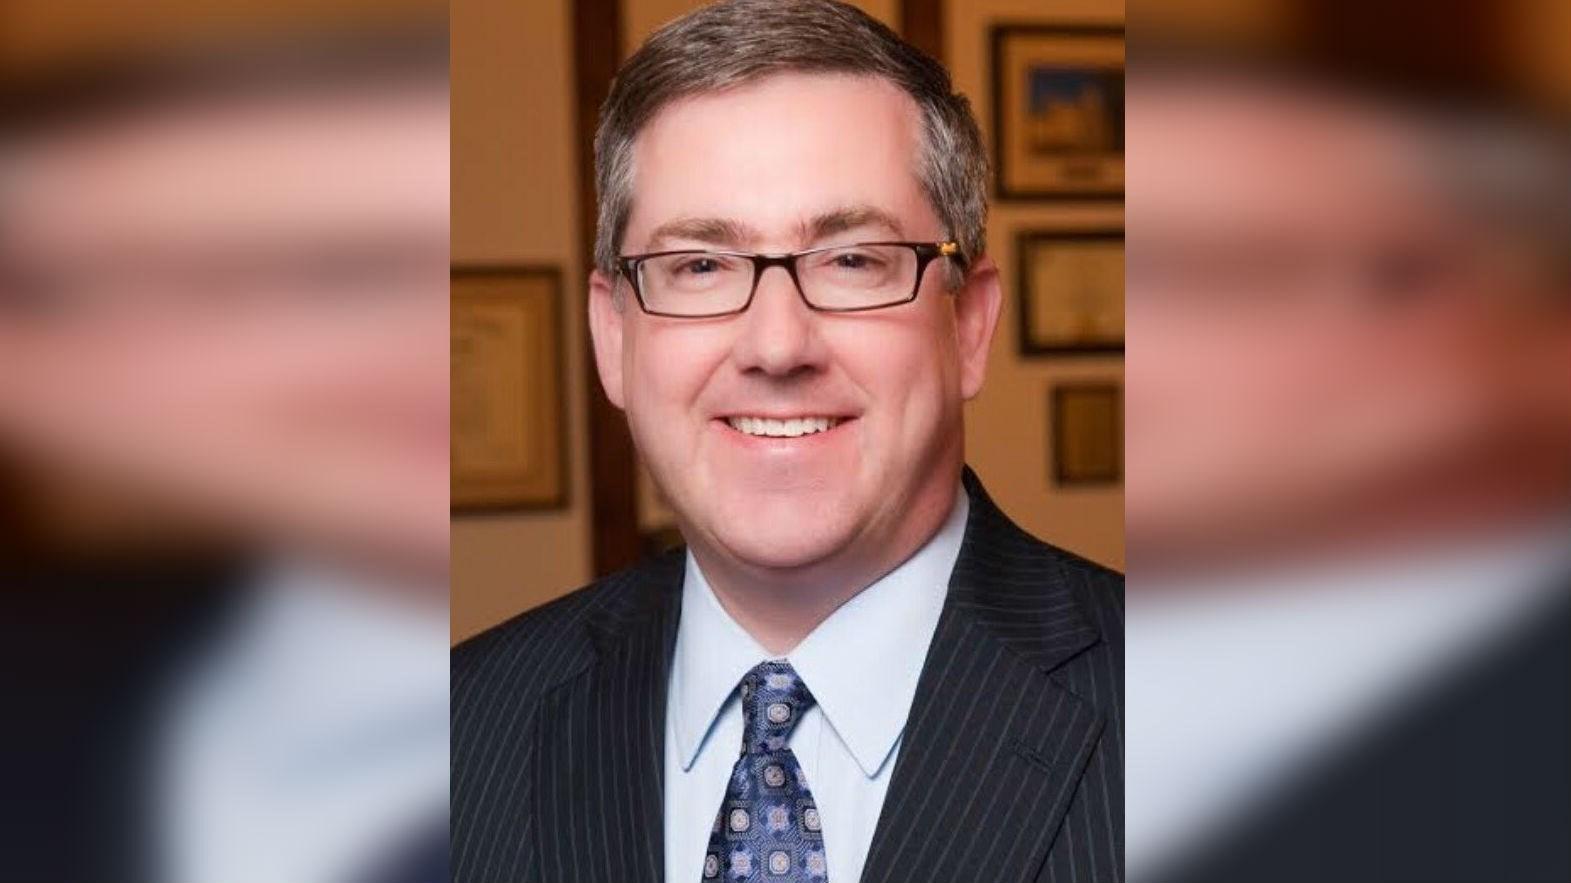 New WSU President, Kirk Schultz